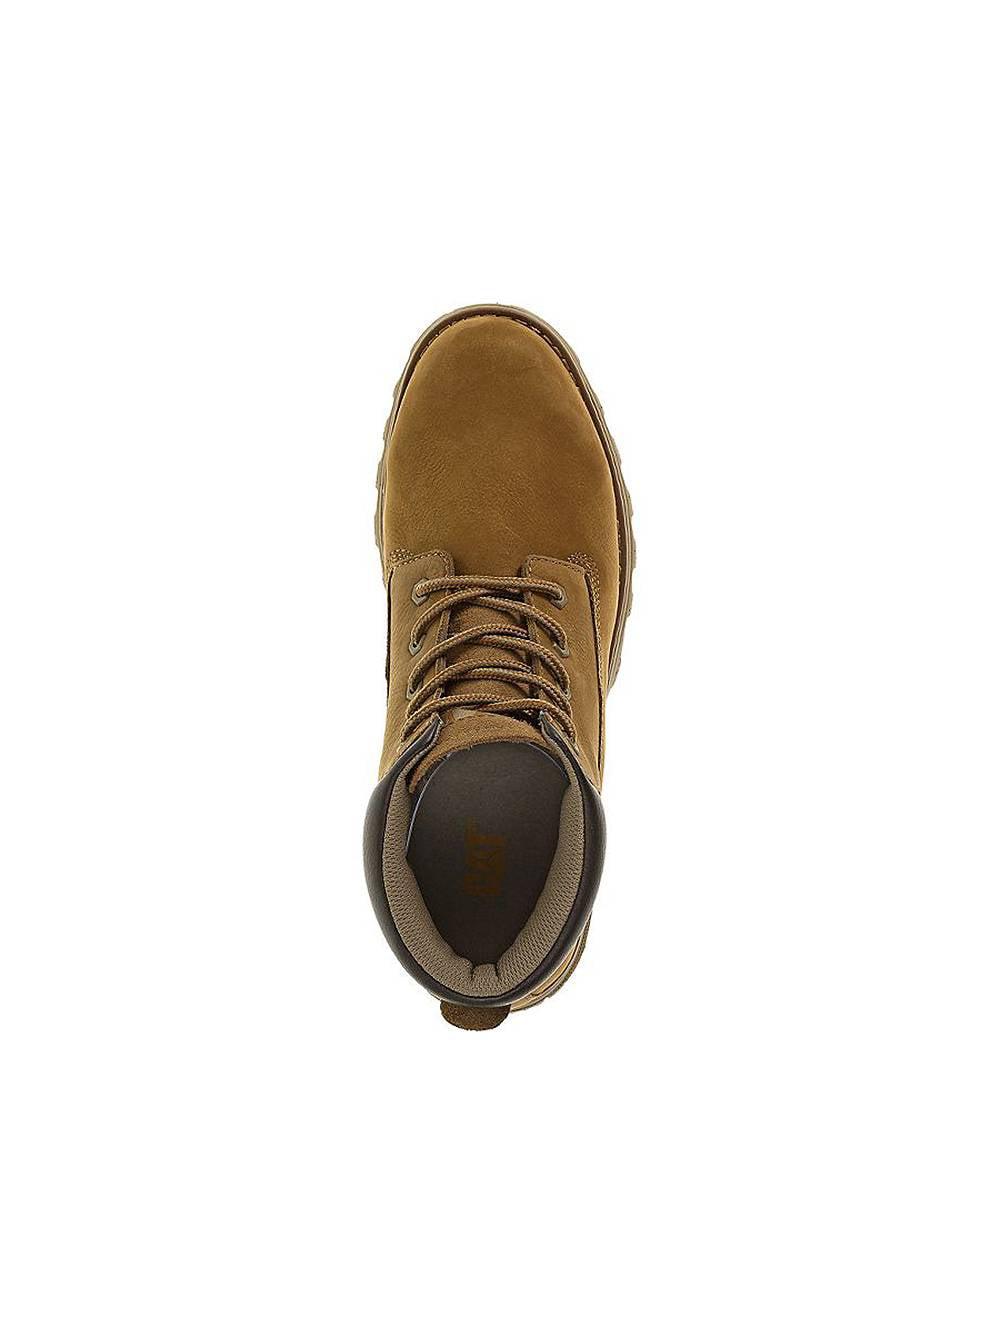 Caterpillar Men's Footwear Founder Chukka Casual Fashion Boots